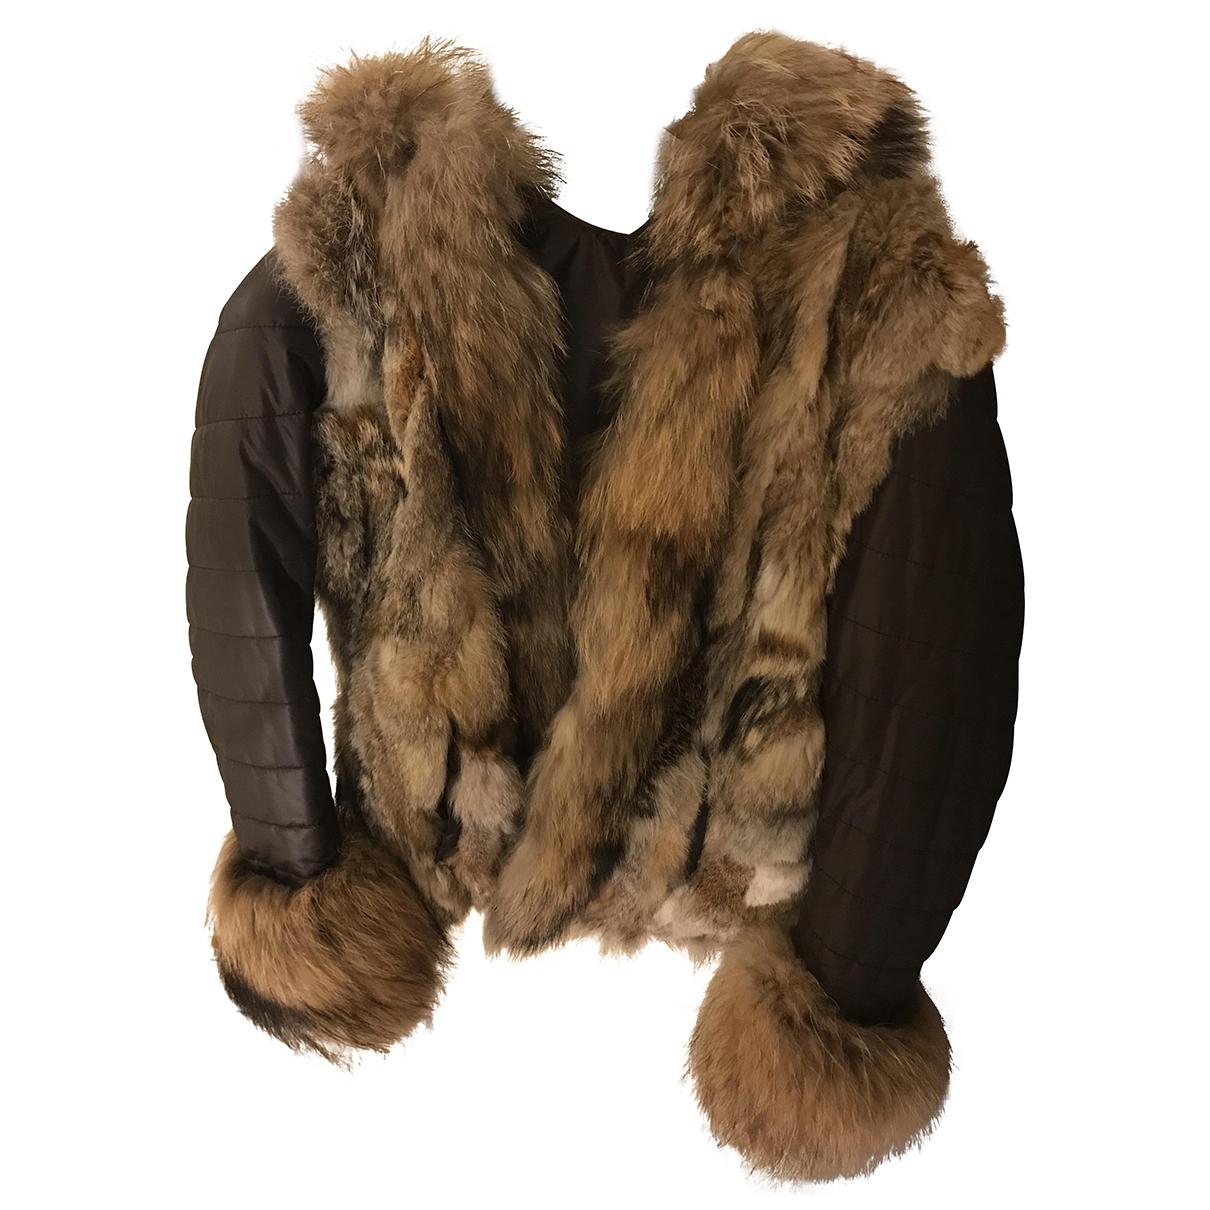 Pellicciai \N Brown Fur coat for Women 42 IT